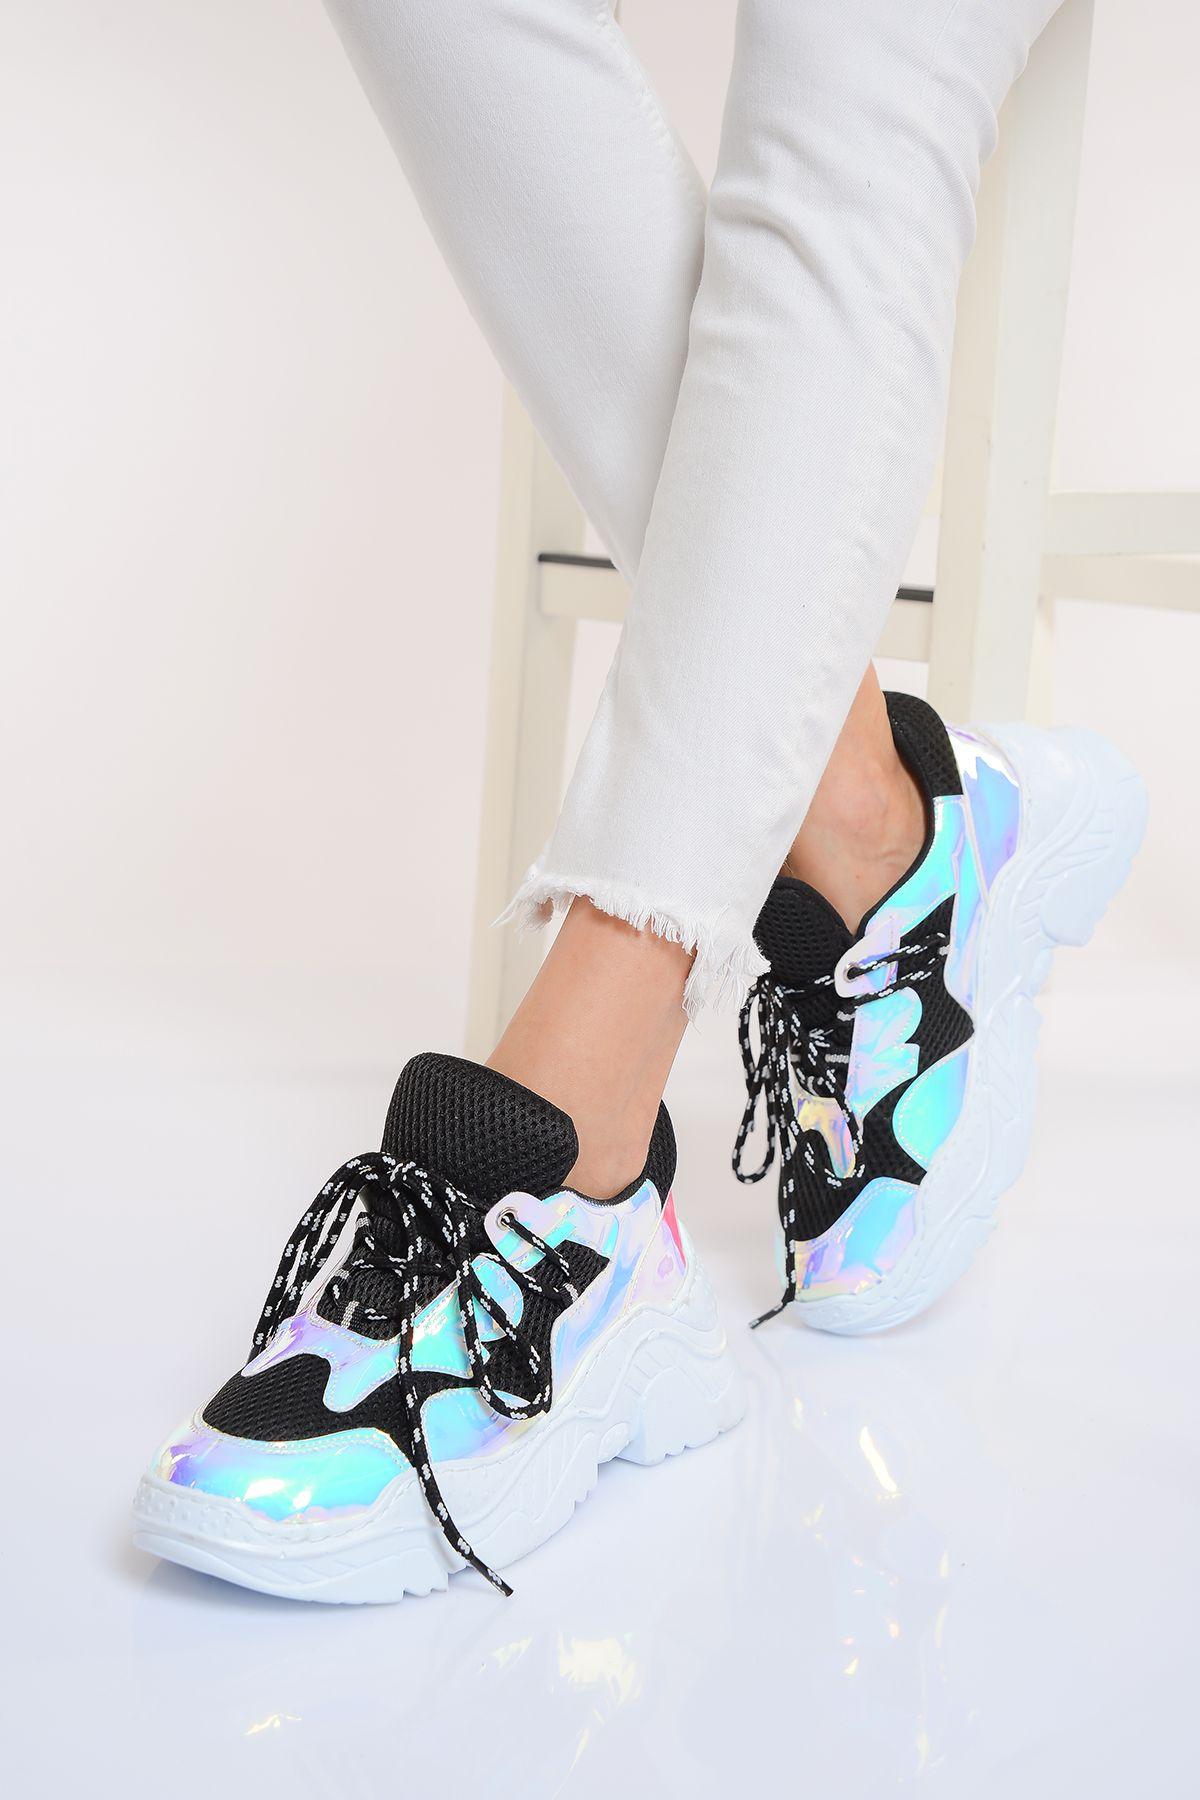 Kadın Spor Ayakkabı Modelleri Fiyatları Aynı Gün Kargo Shoes Time